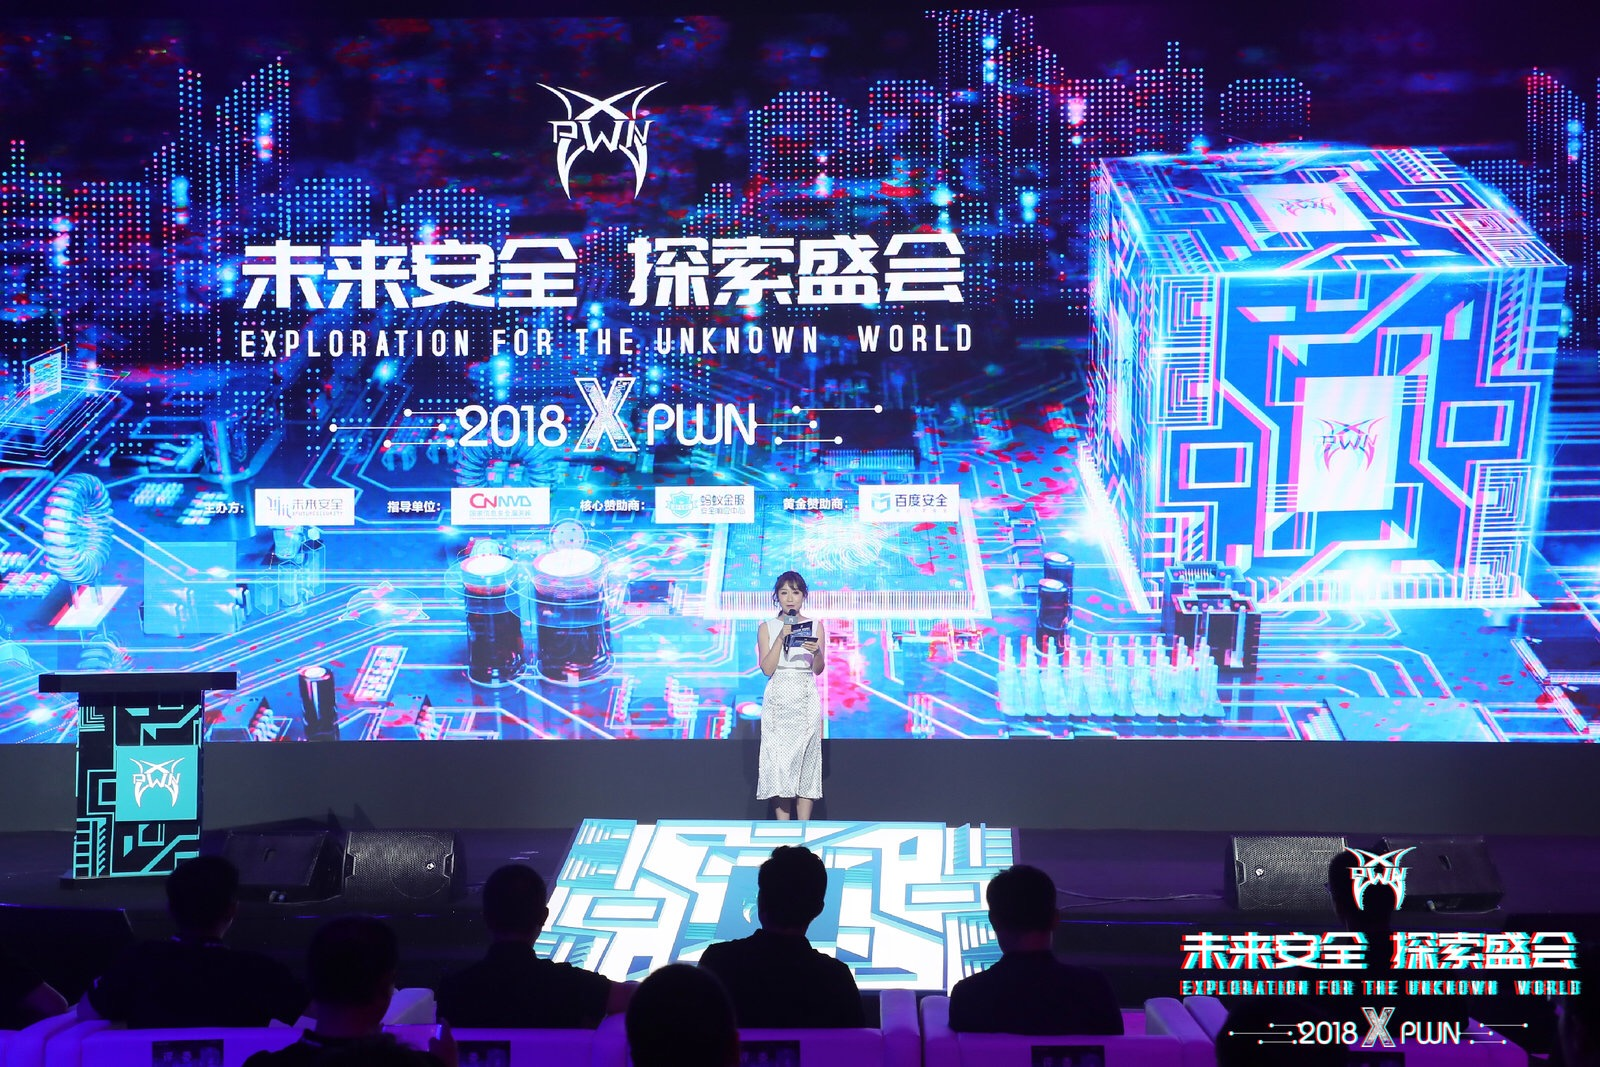 XPwn 2018未来安全探索盛会 探索智慧生活新保障